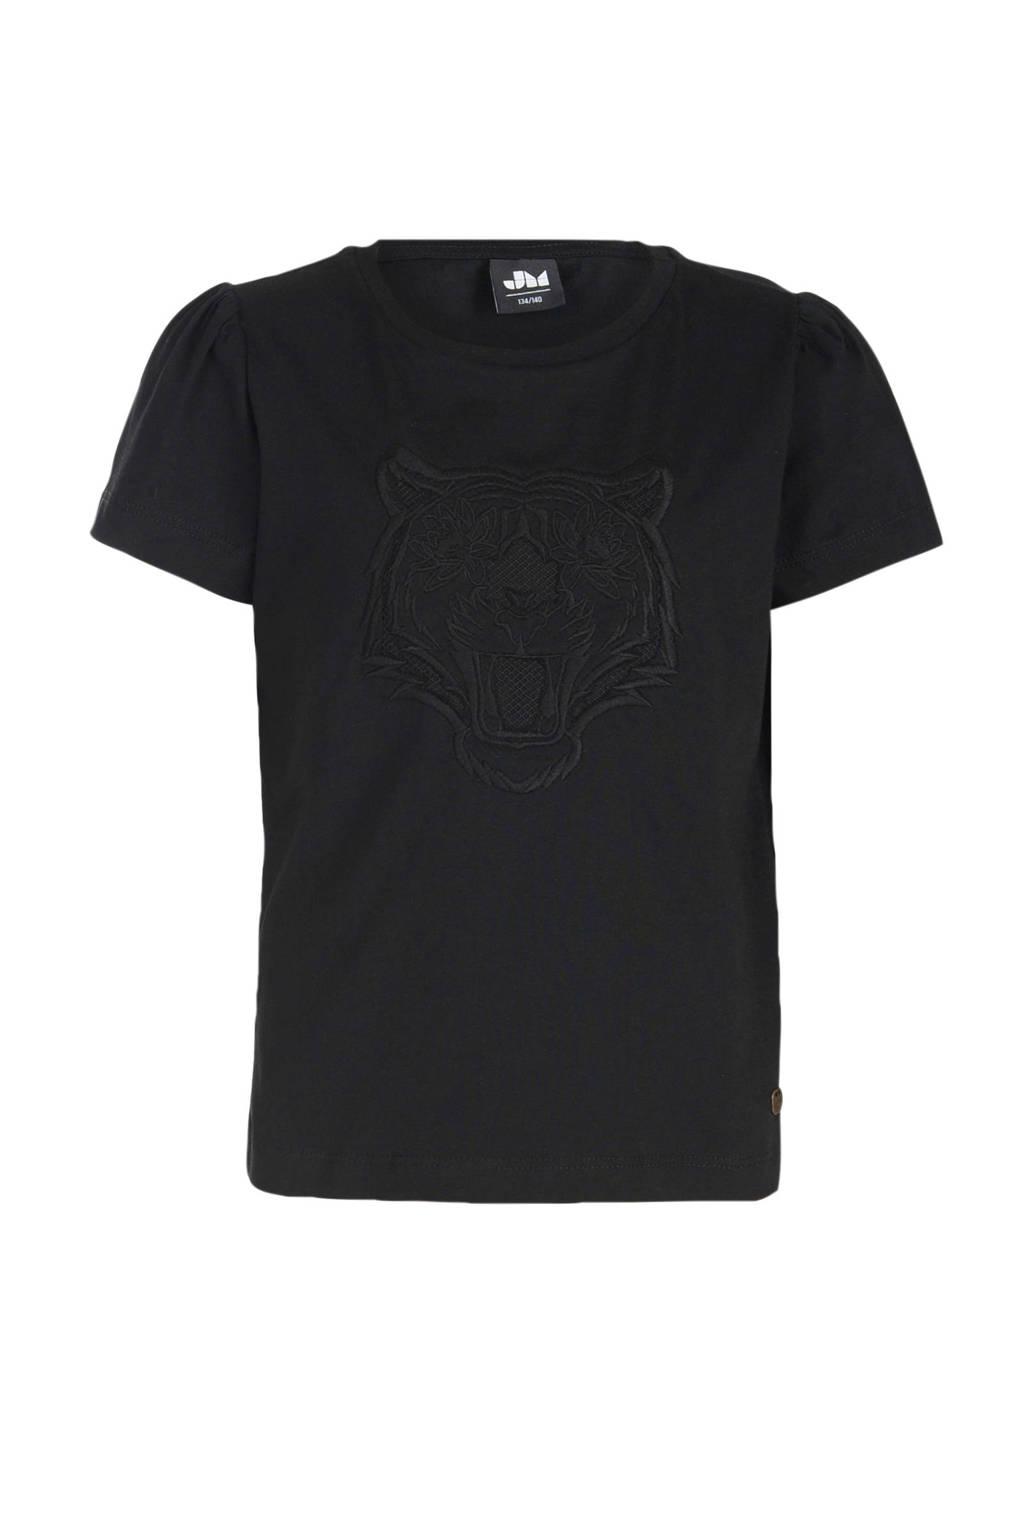 Jill & Mitch by Shoeby T-shirt Nova met printopdruk zwart, Zwart